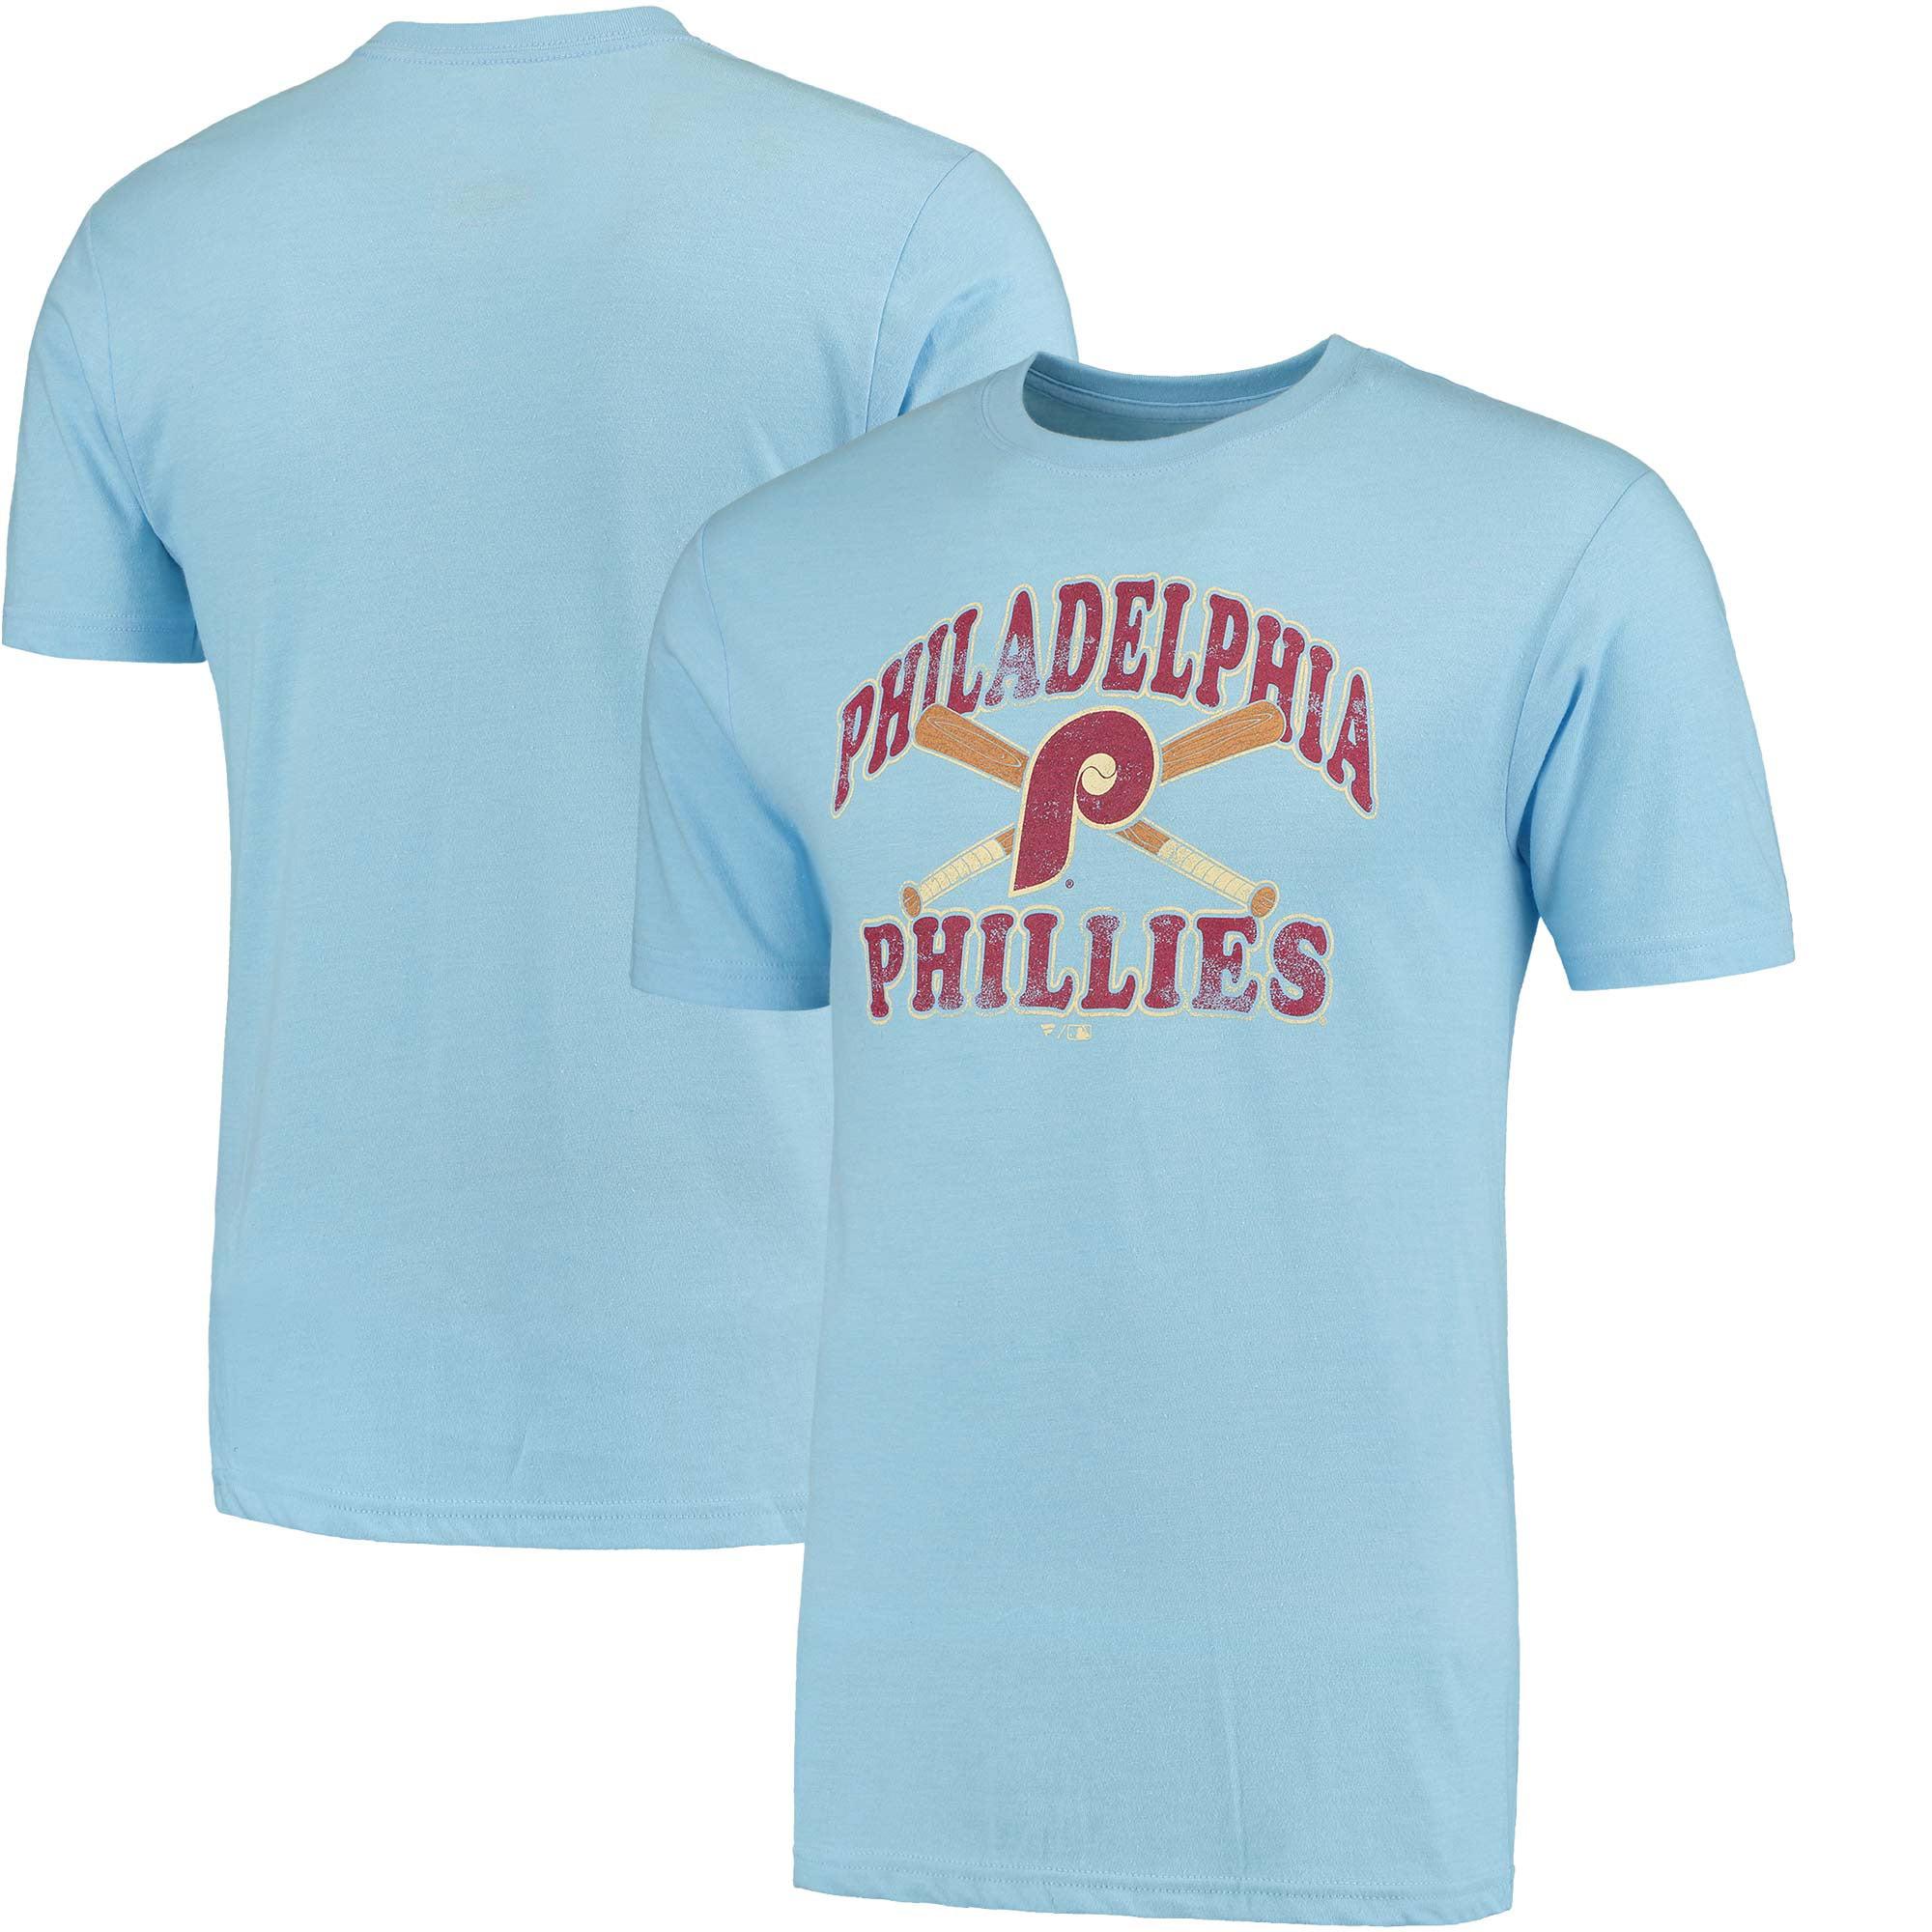 Philadelphia Phillies Cooperstown Bats T-Shirt - Light Blue